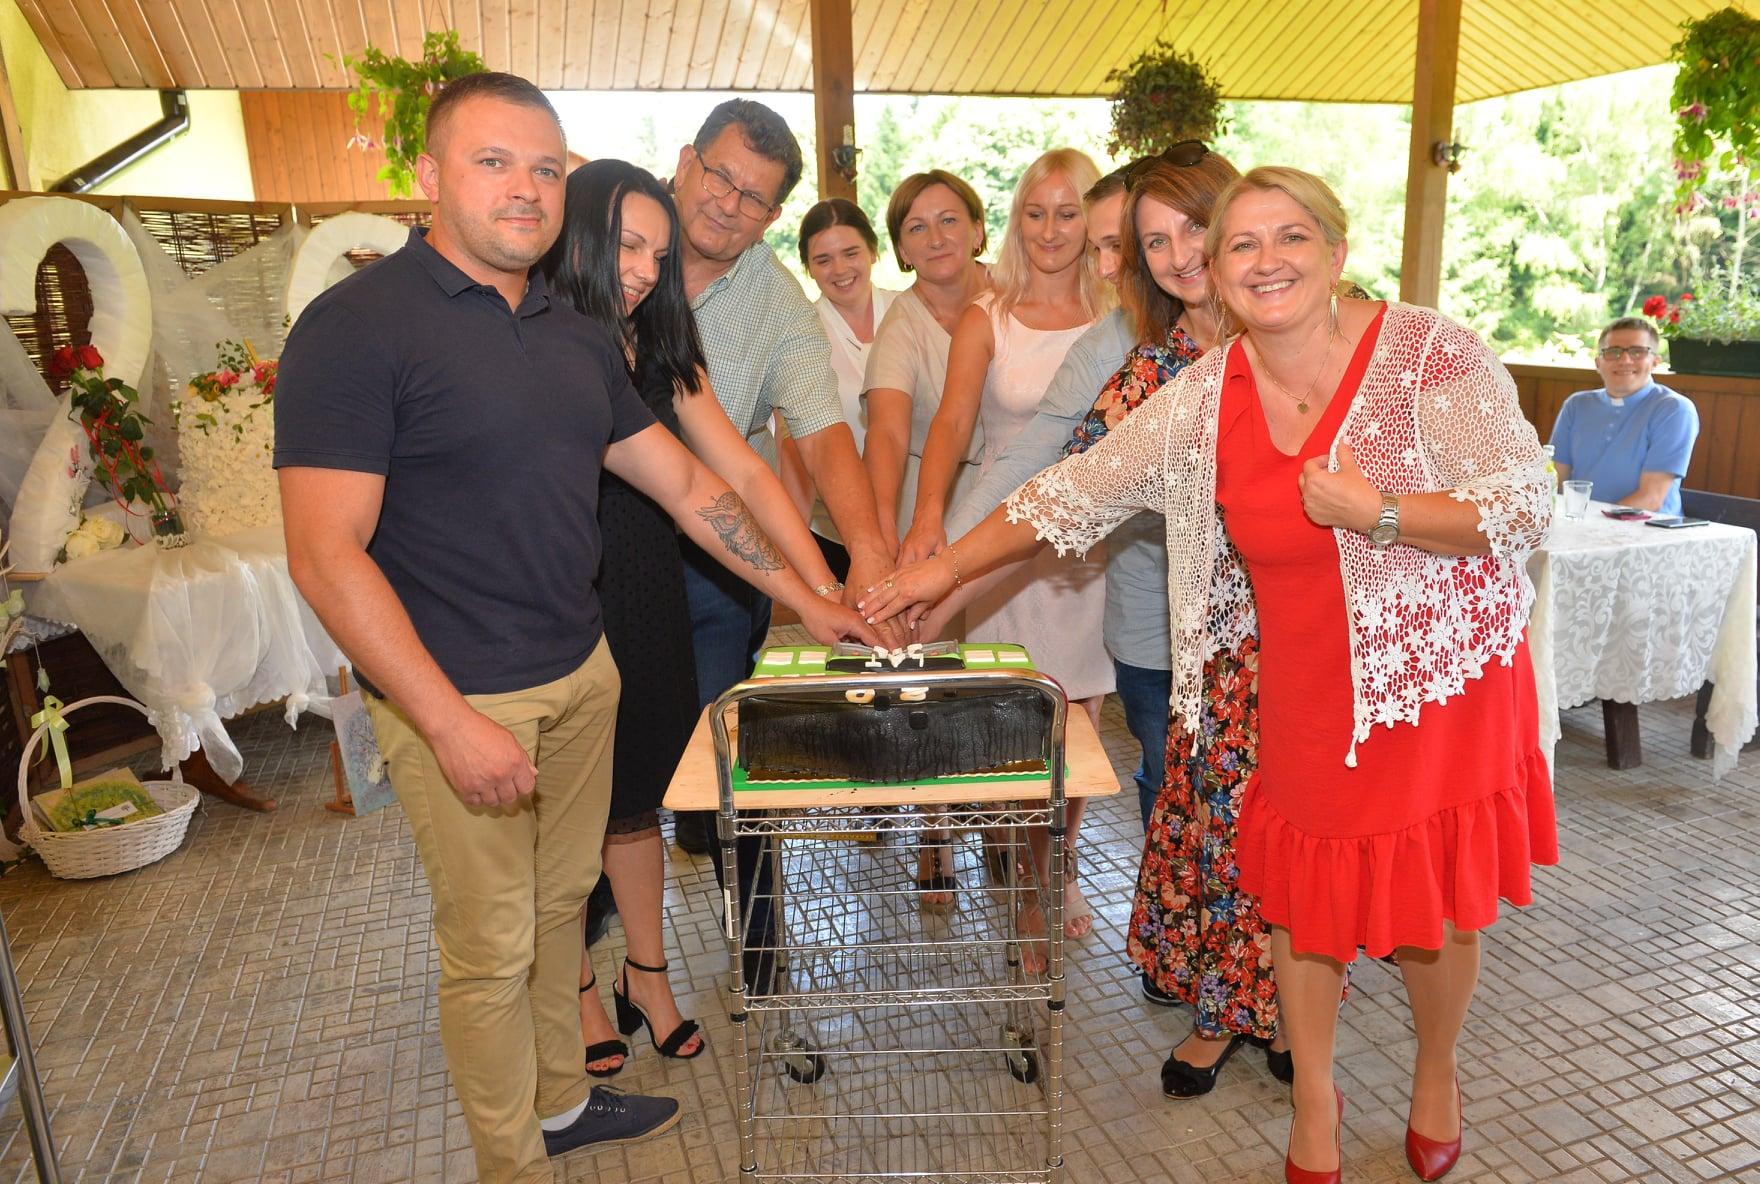 Środowiskowy Dom Samopomocy w Zagórzu obchodził swoje 20-lecie [ZDJĘCIA] - Zdjęcie główne